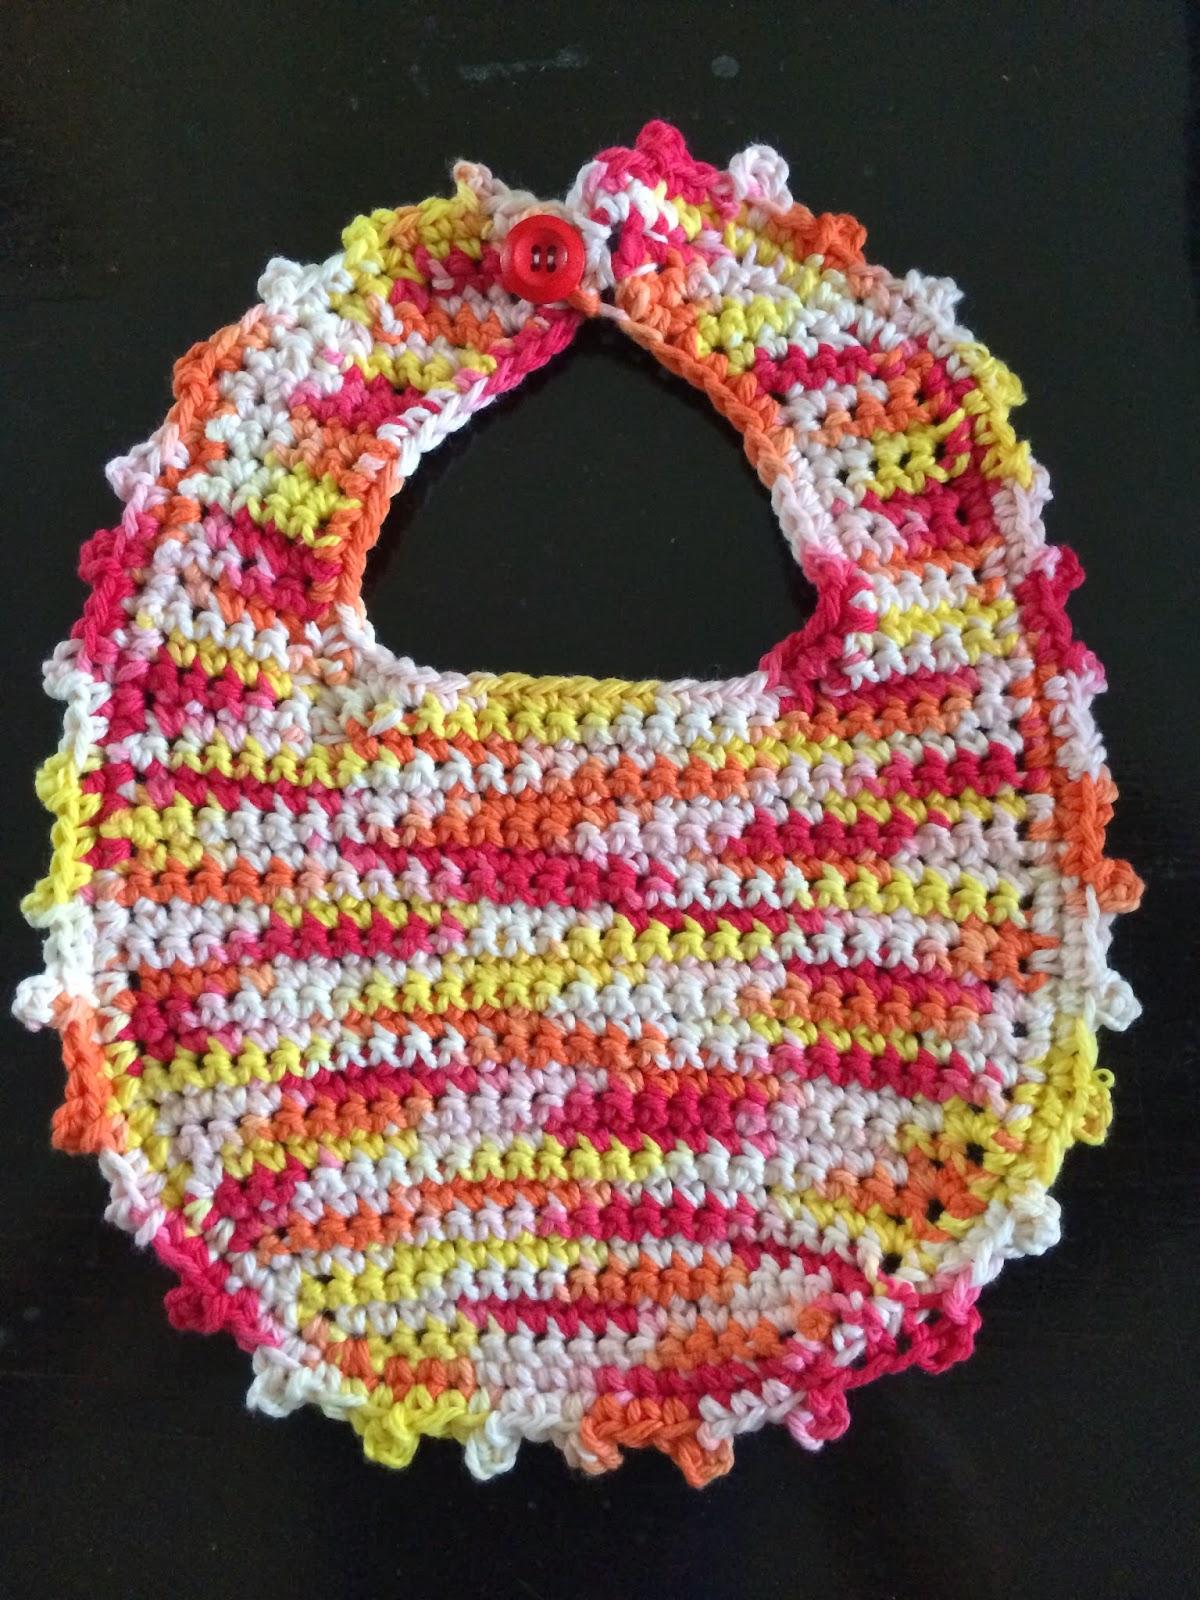 Not My Nana S Crochet Crochet Picot Stitch Baby Bib